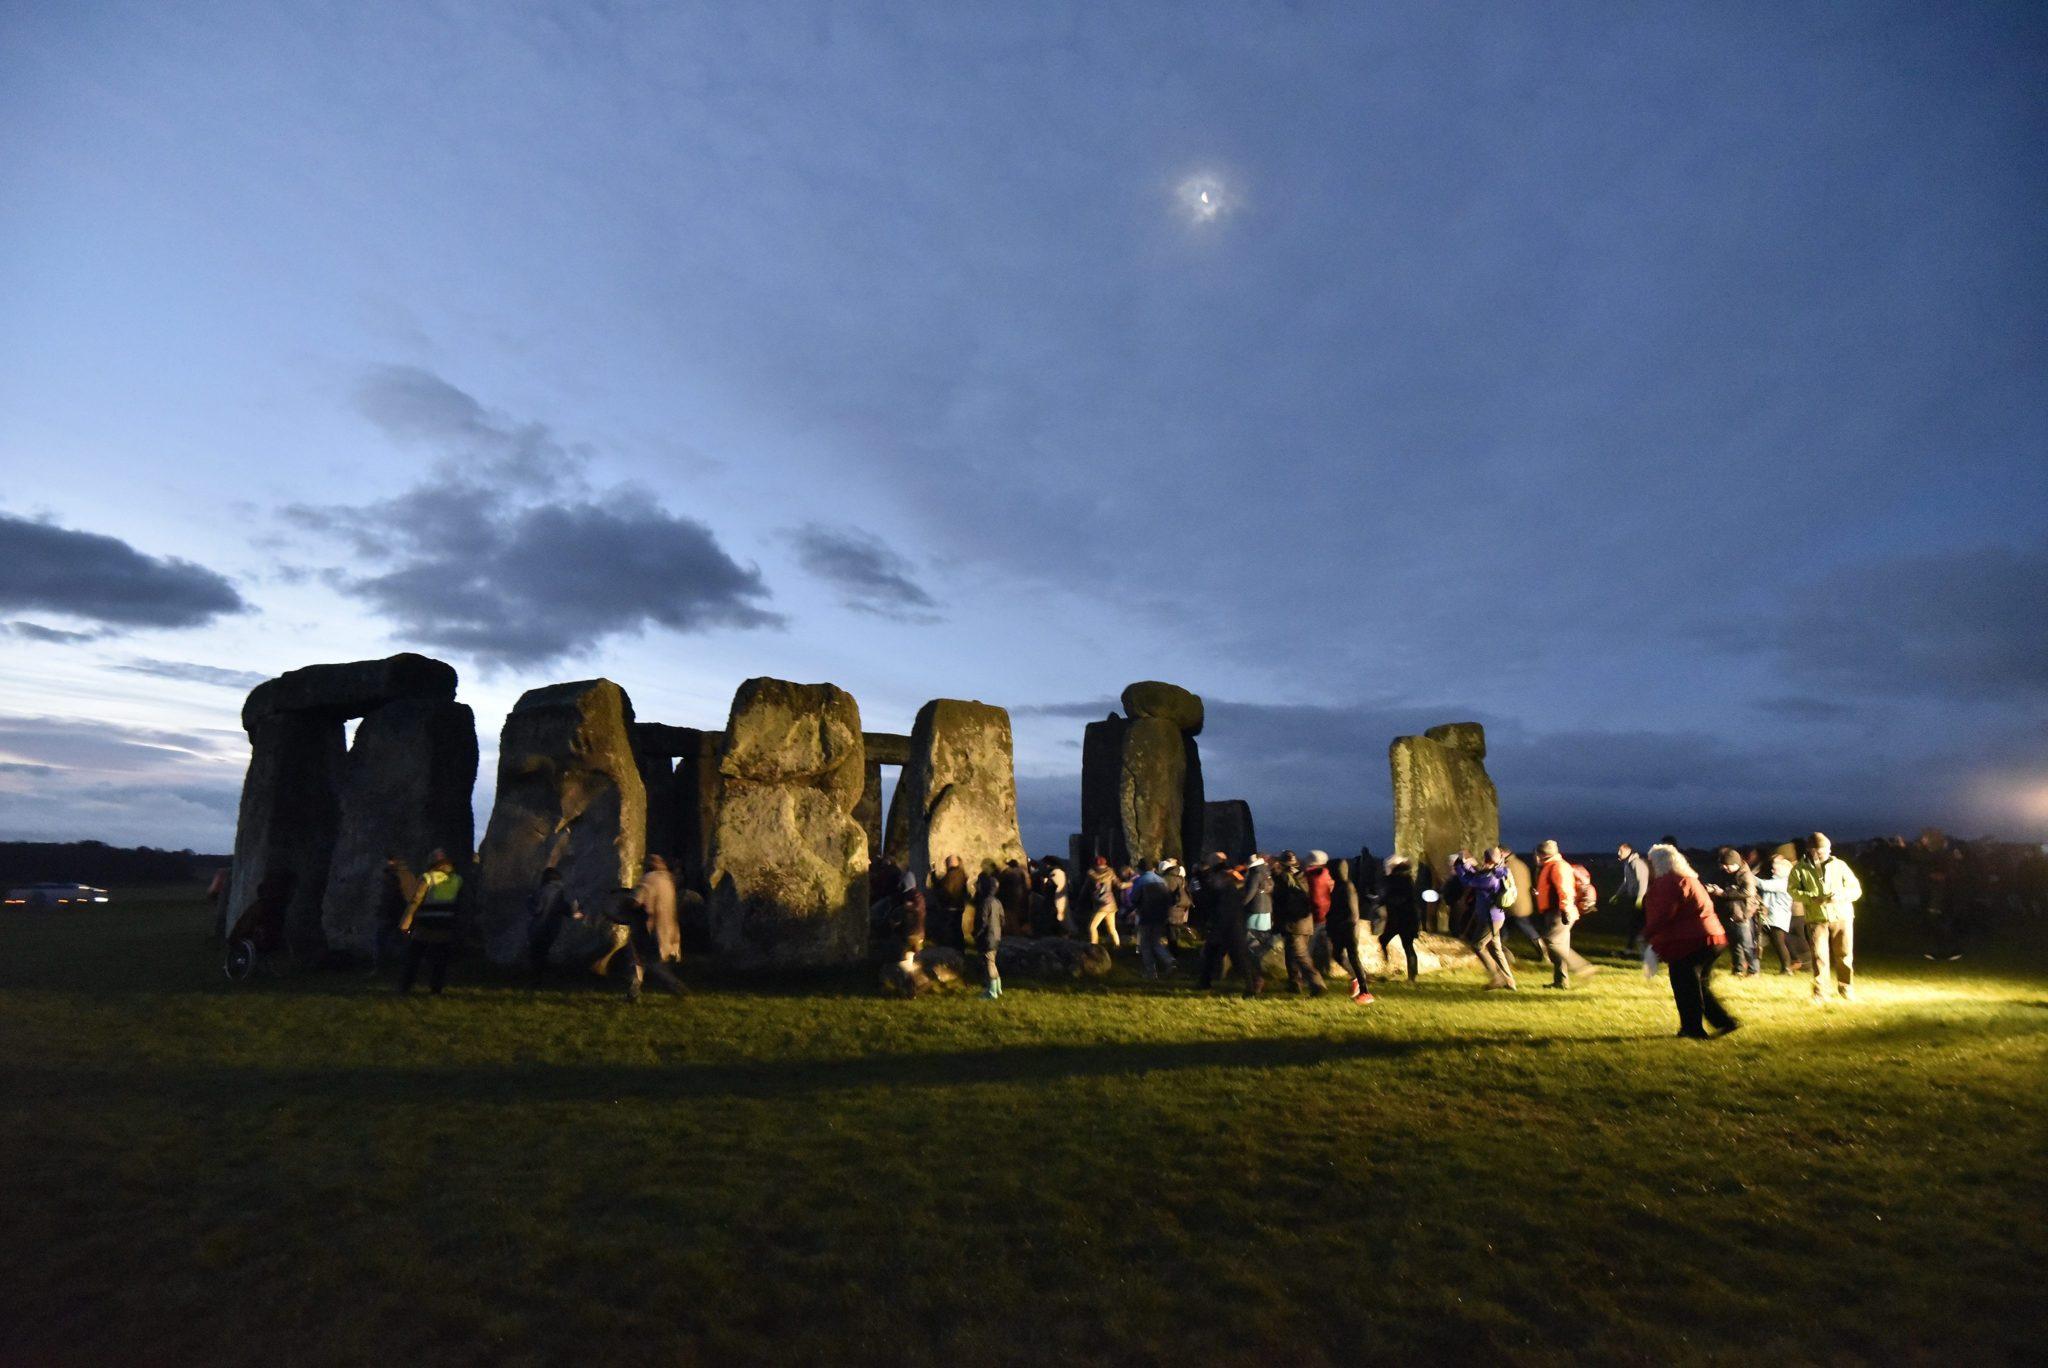 Wielka Brytania: początek kalendarzowej zimy w Stonehenge (foto. PAP/EPA/NEIL MUNNS)